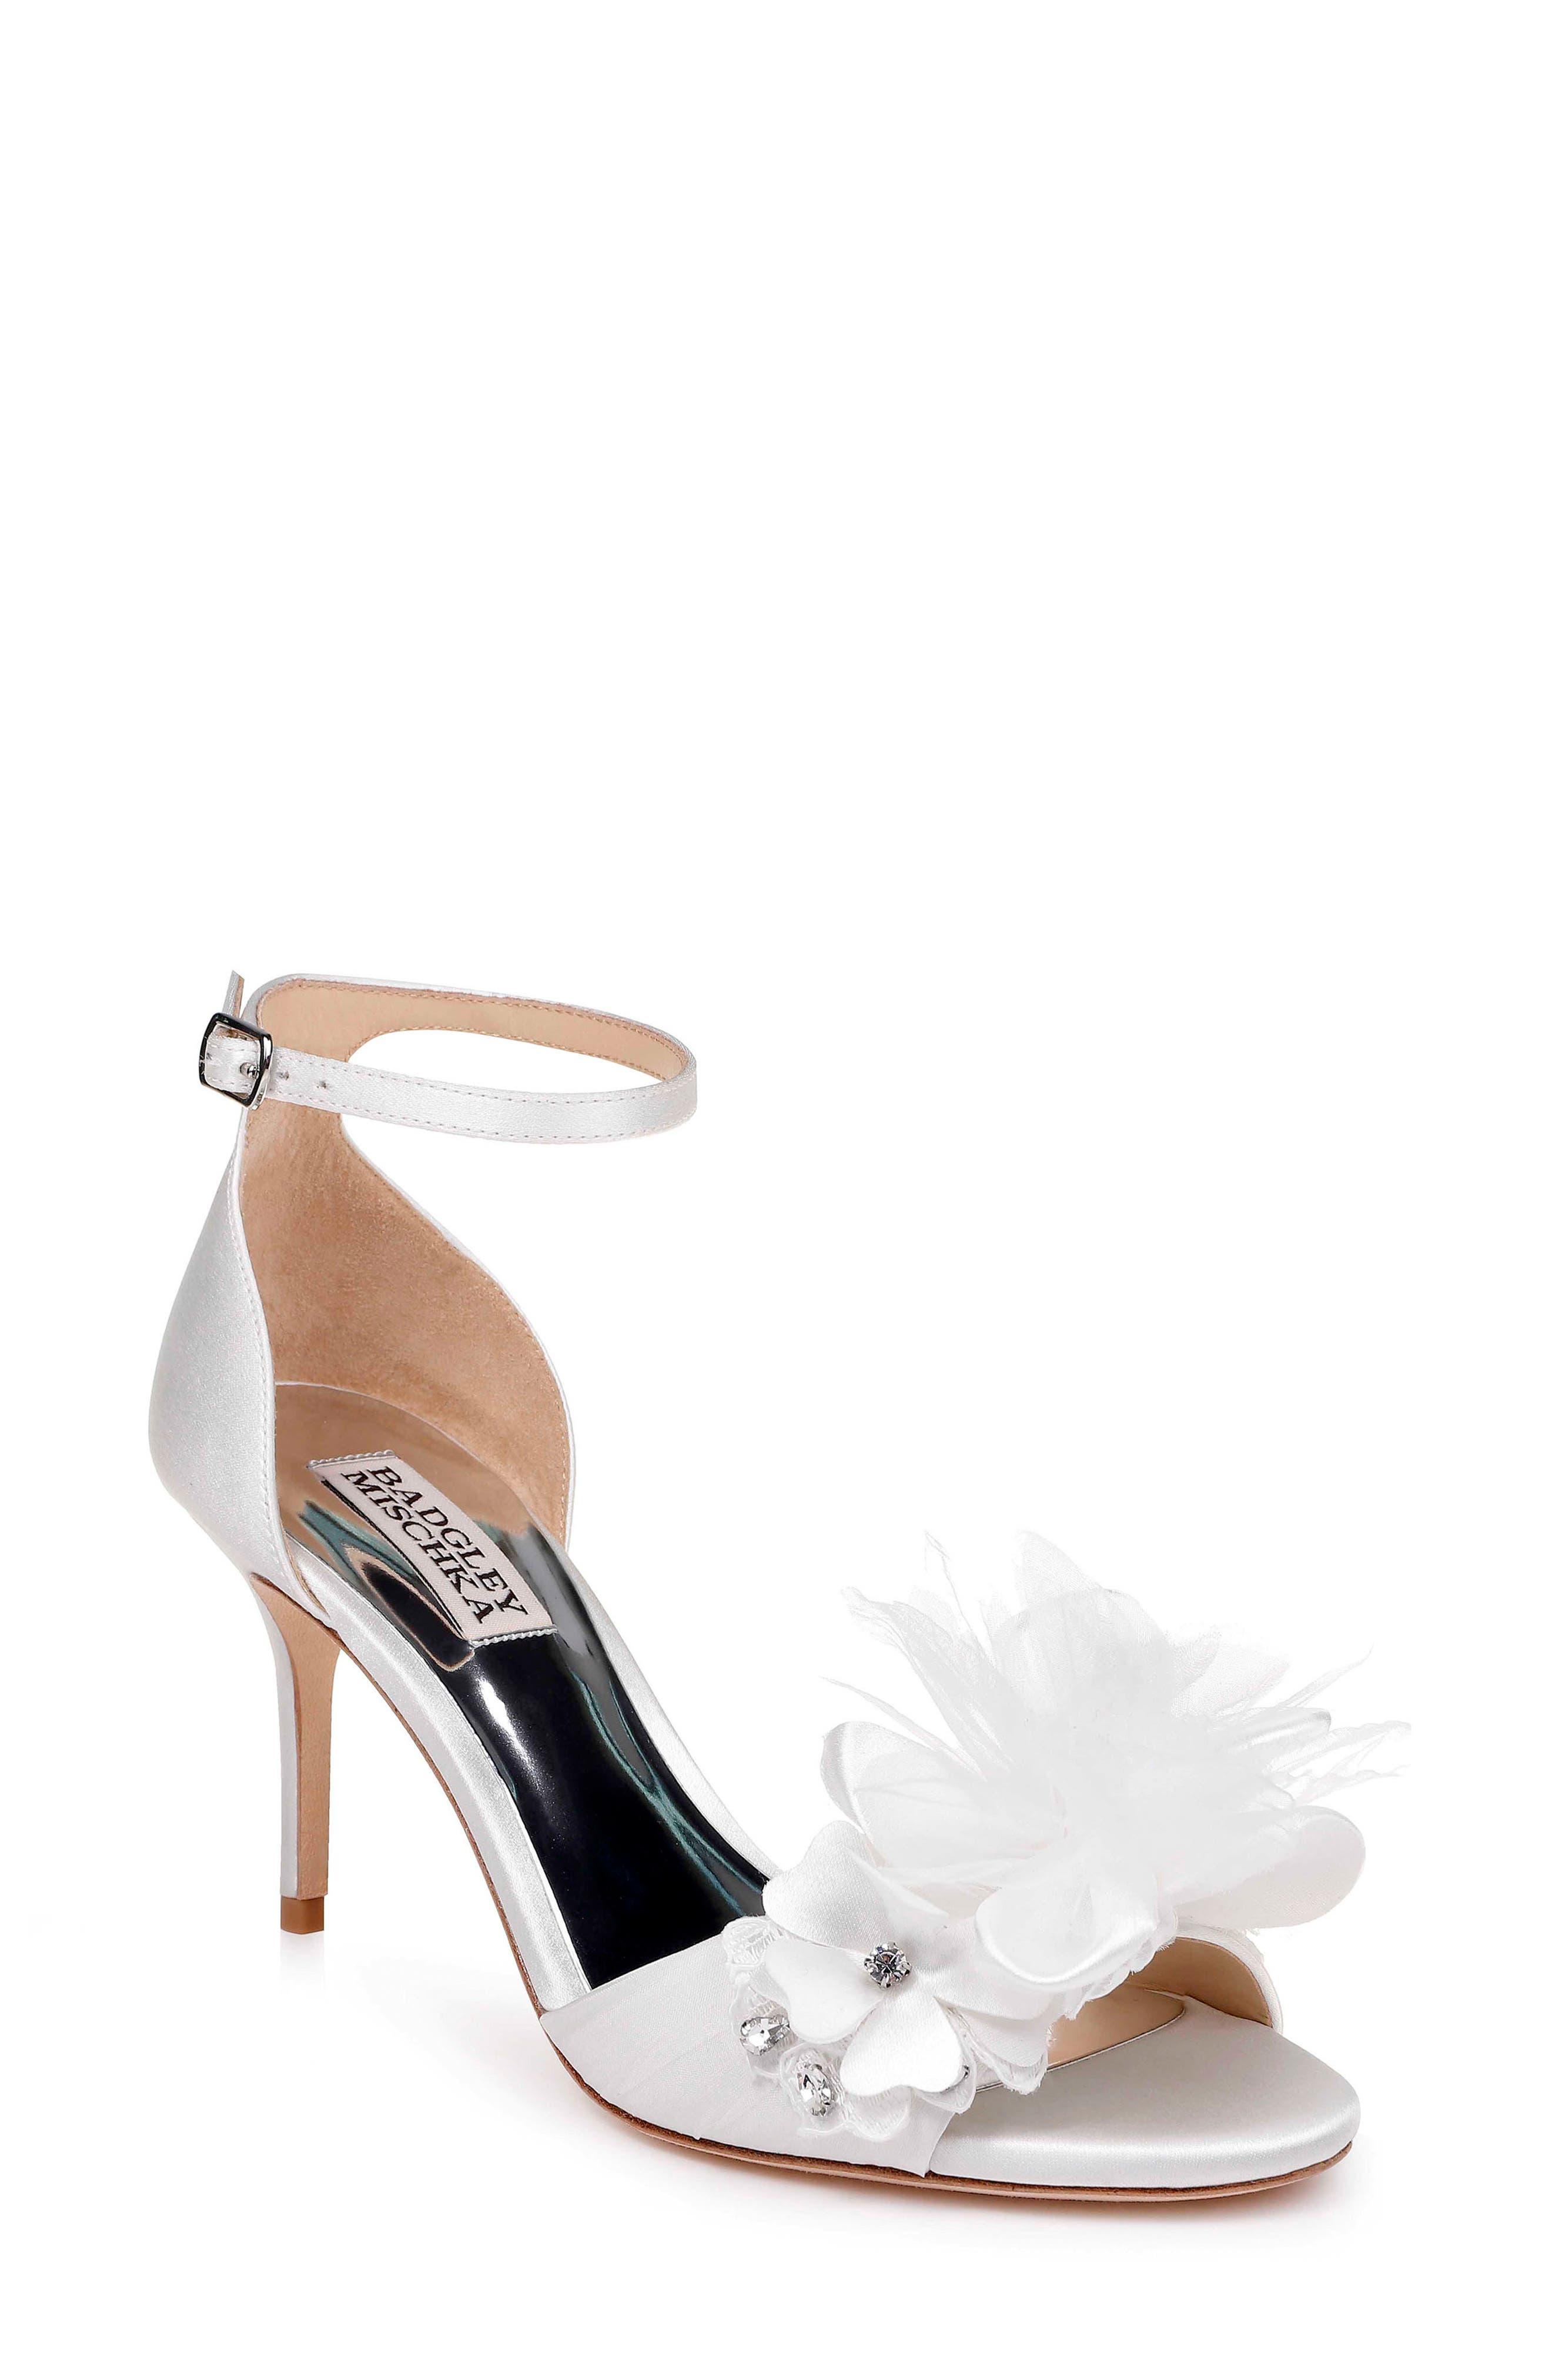 f933f9747 Badgley Mischka Floral Ankle Strap Sandal